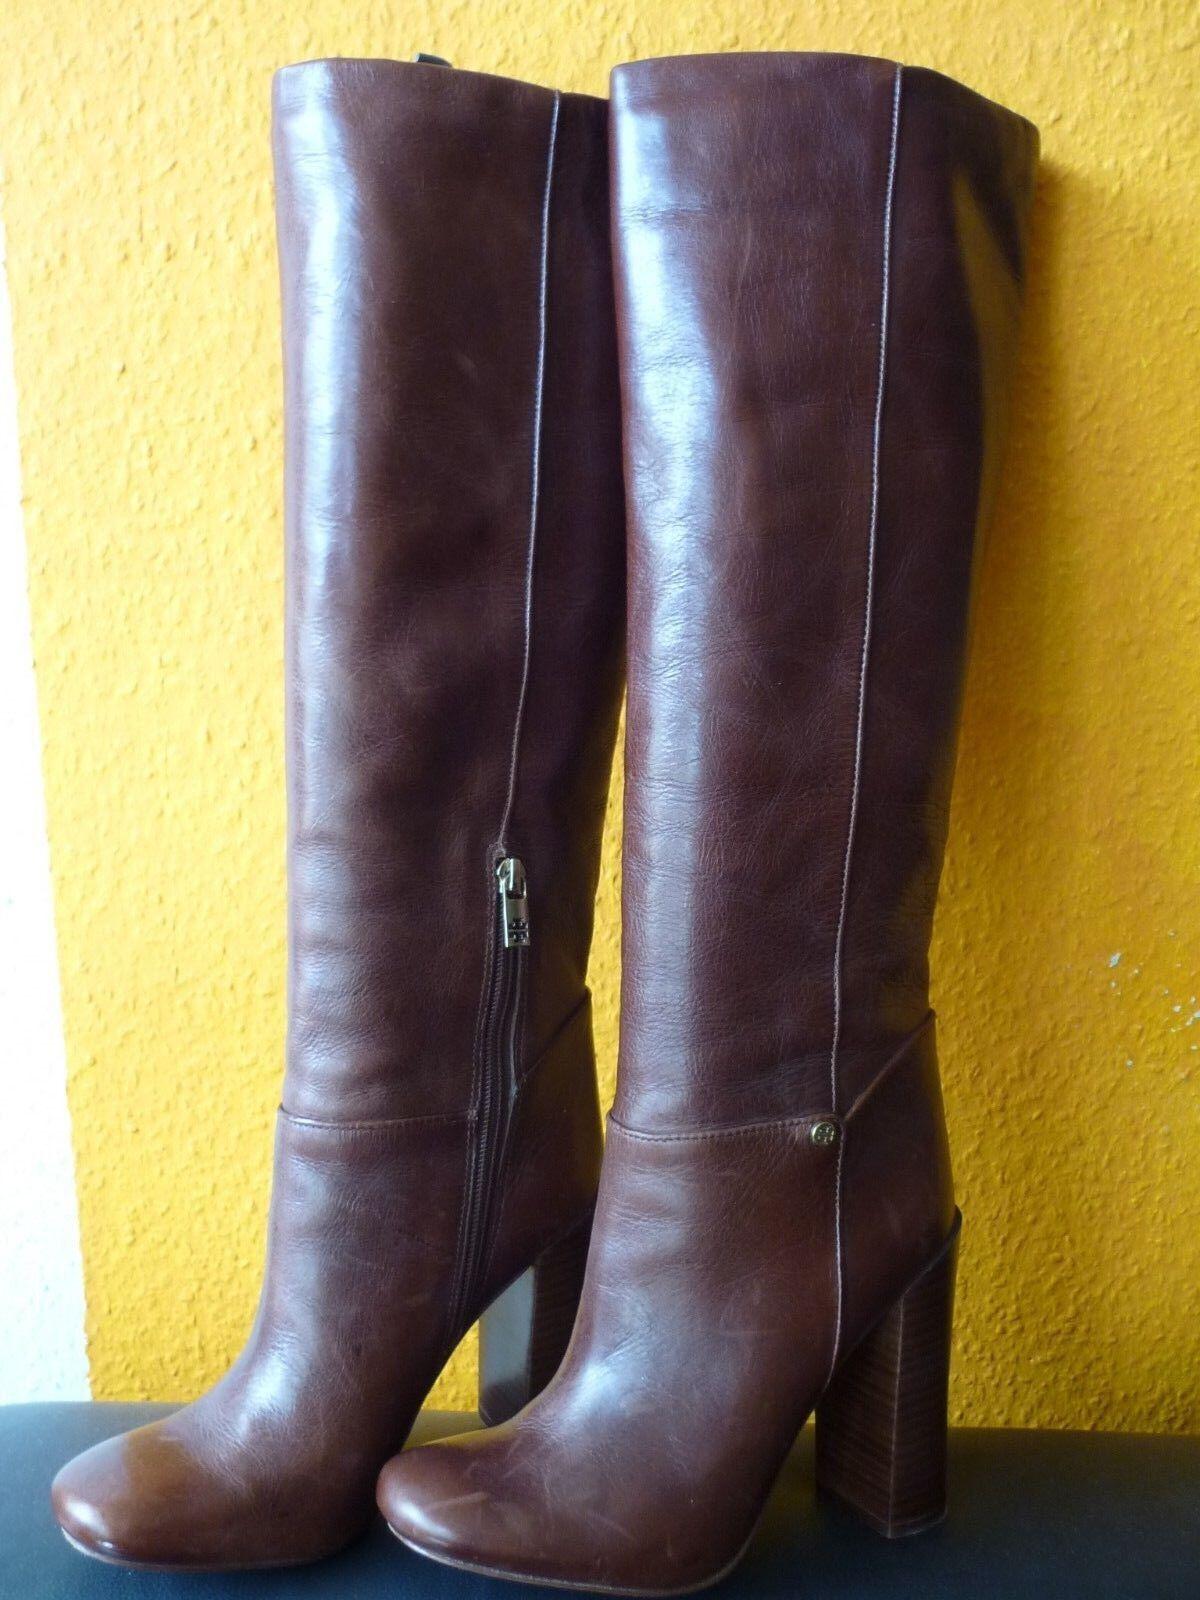 Tory Burch Vintage Schaft Stiefel Stiefel hoher Blockabsatz hochwertiges Leder